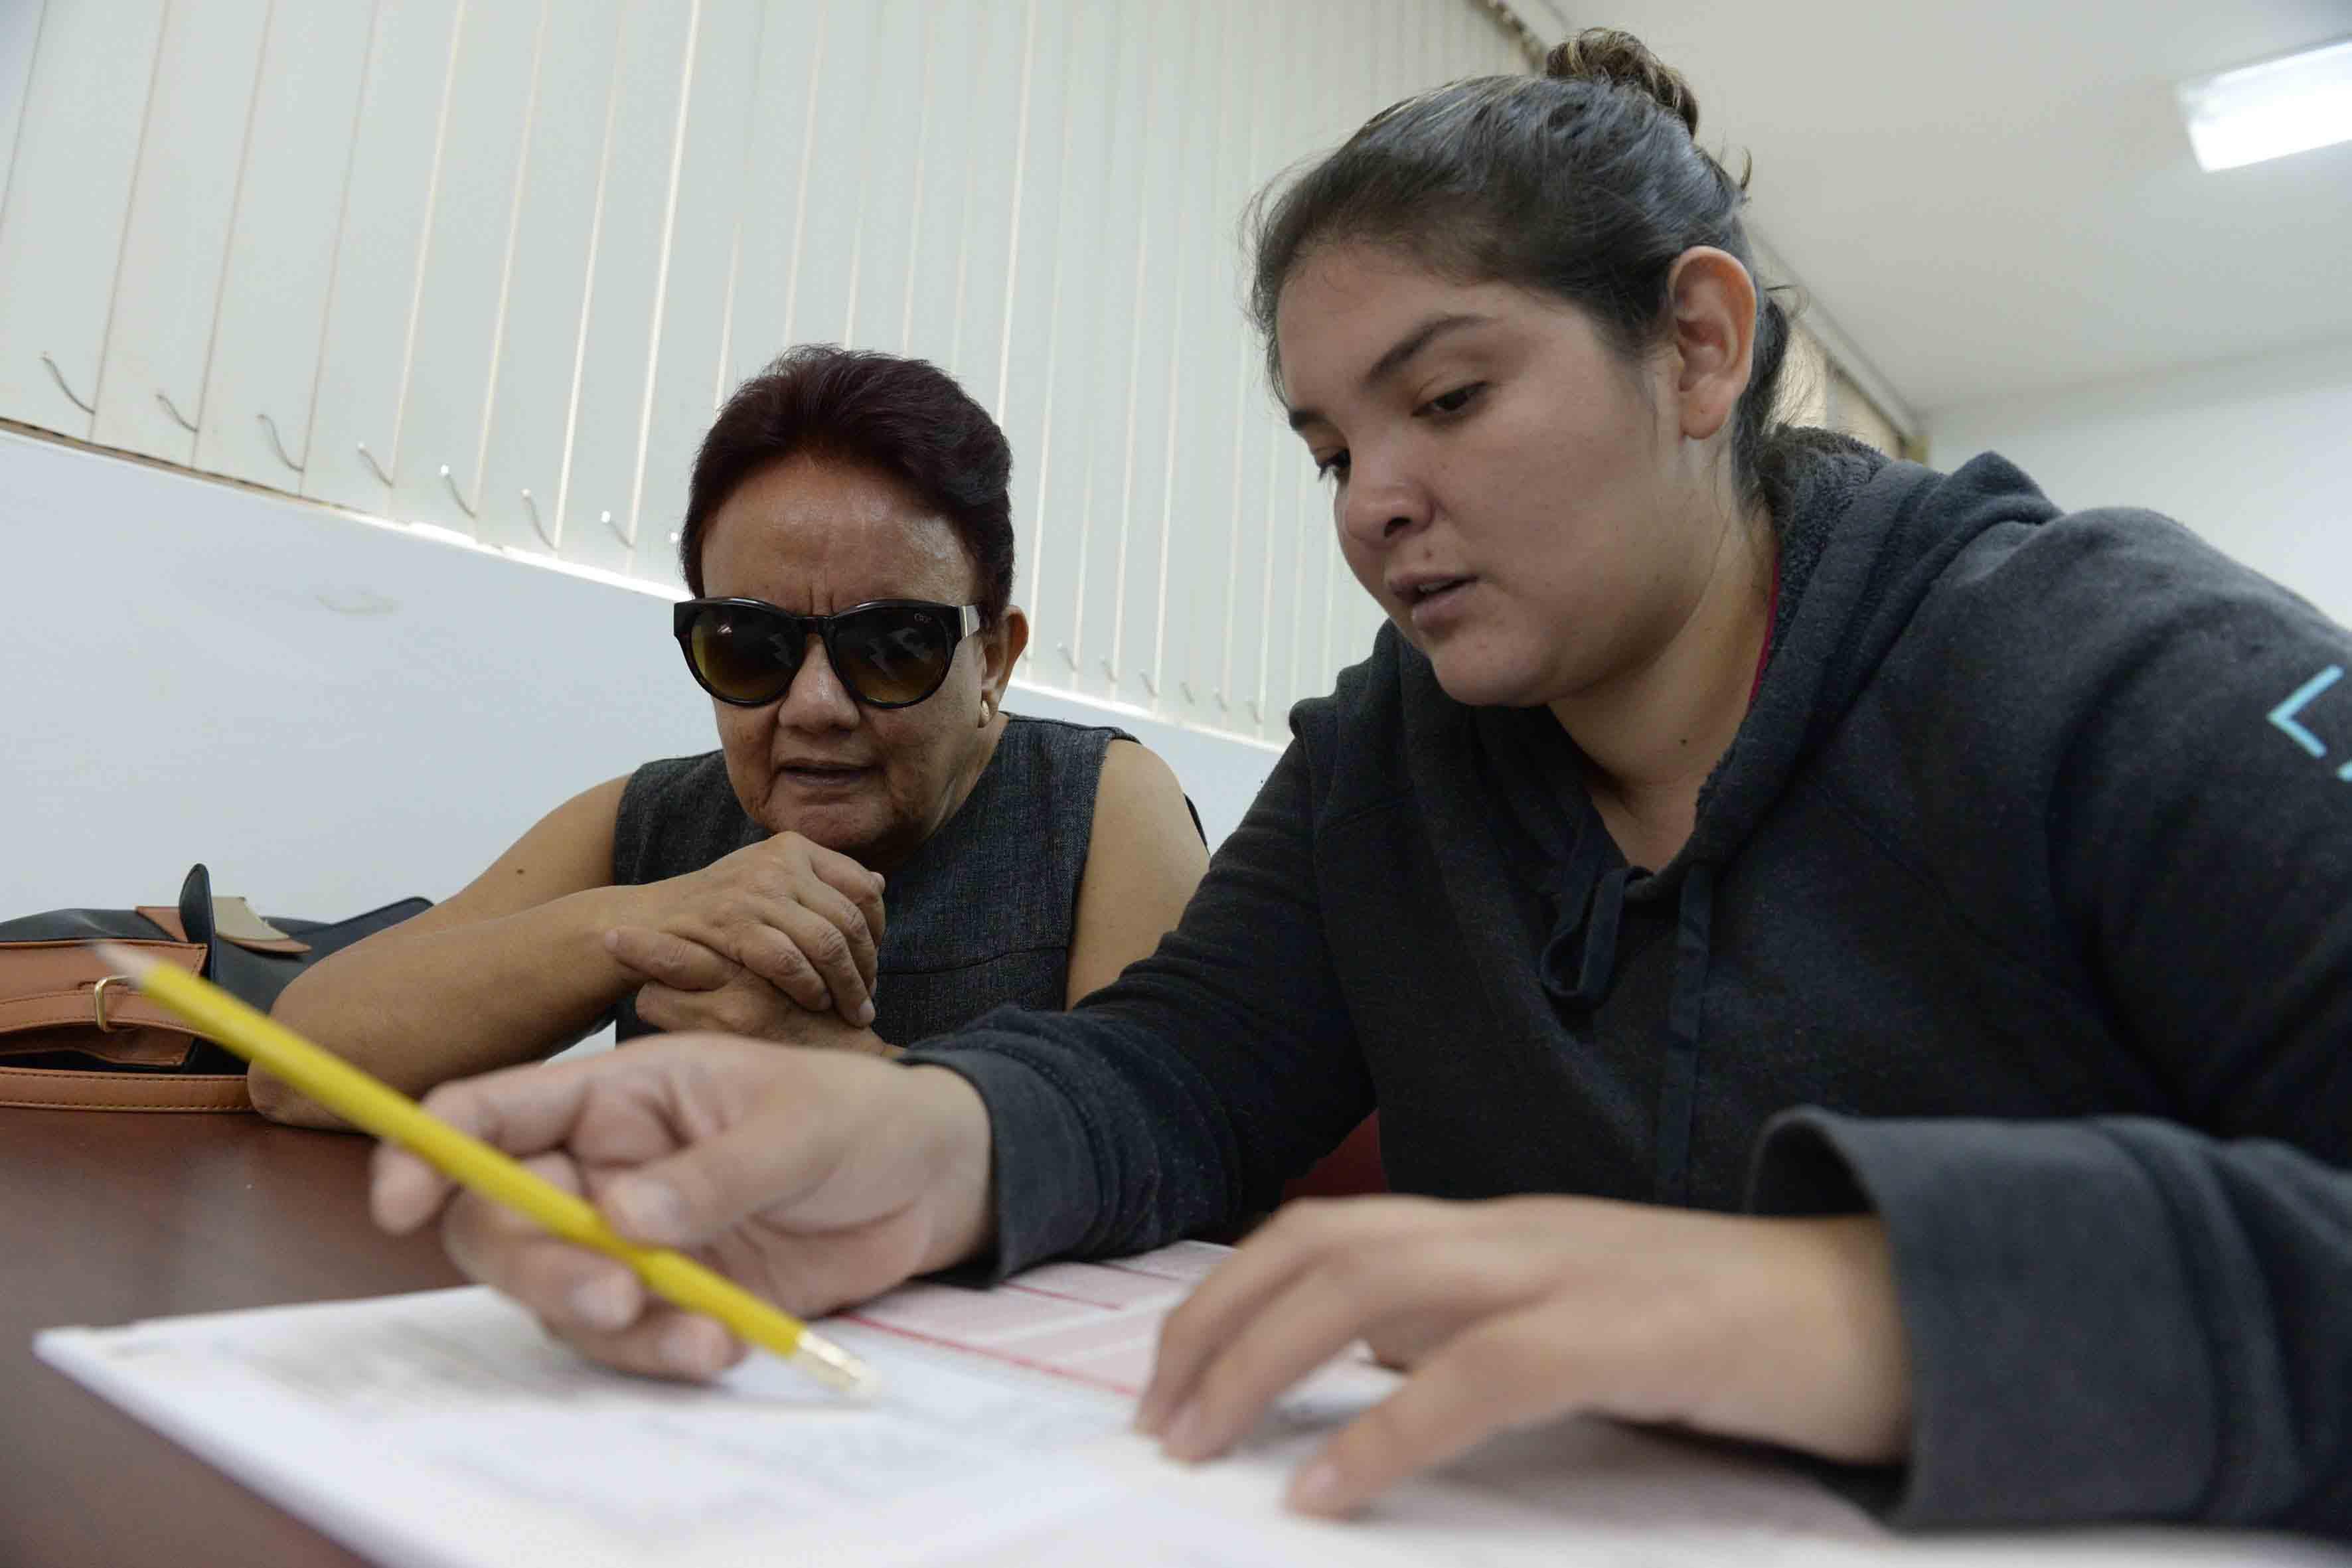 Personal de la Biblioteca, fungiendo como lector intérprete en la realización de exámenes, para personas con Discapacidad Visual.